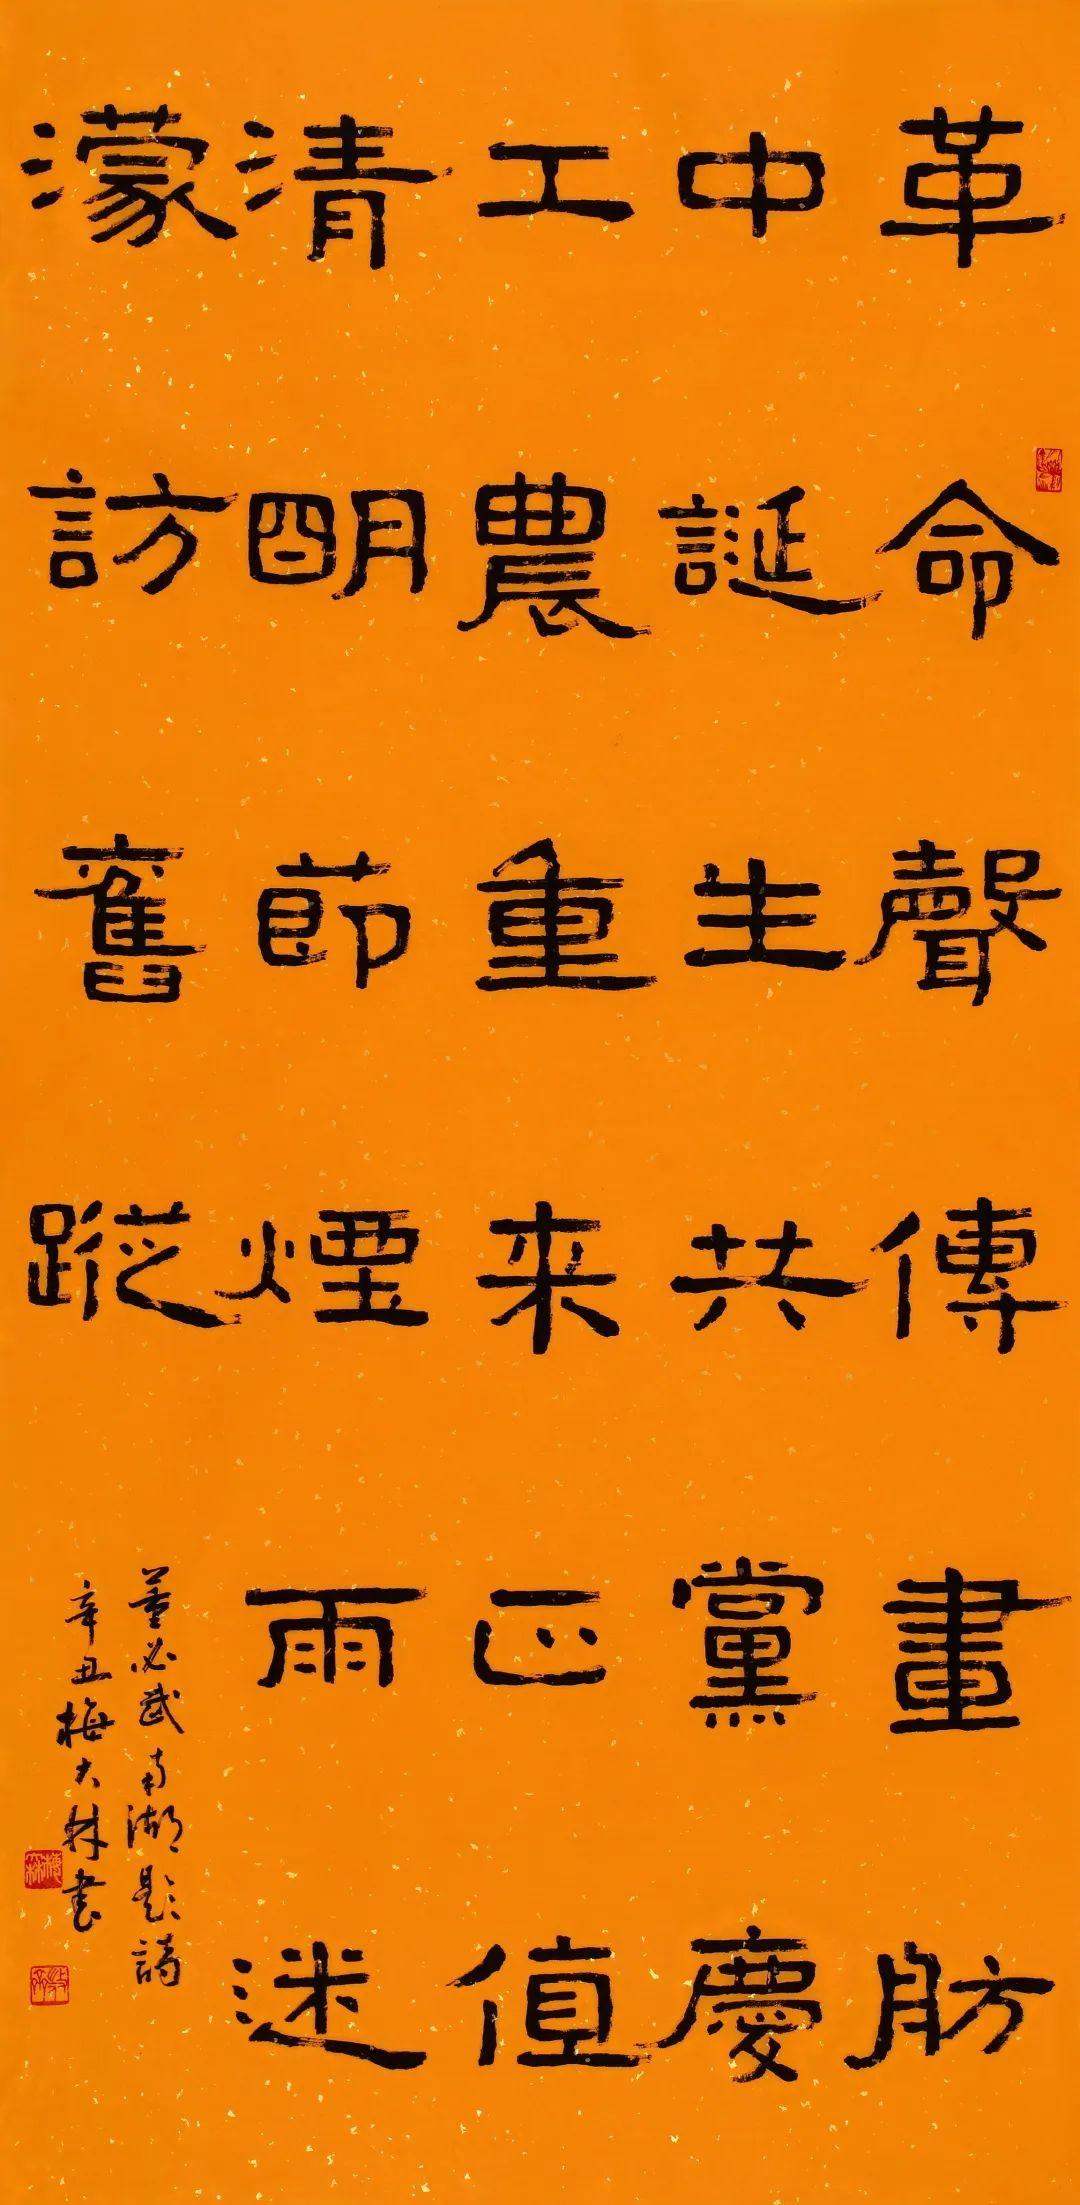 广东省书法家协会会员、广州市书法家协会会员、广州羊城书法研究会理事梅大林